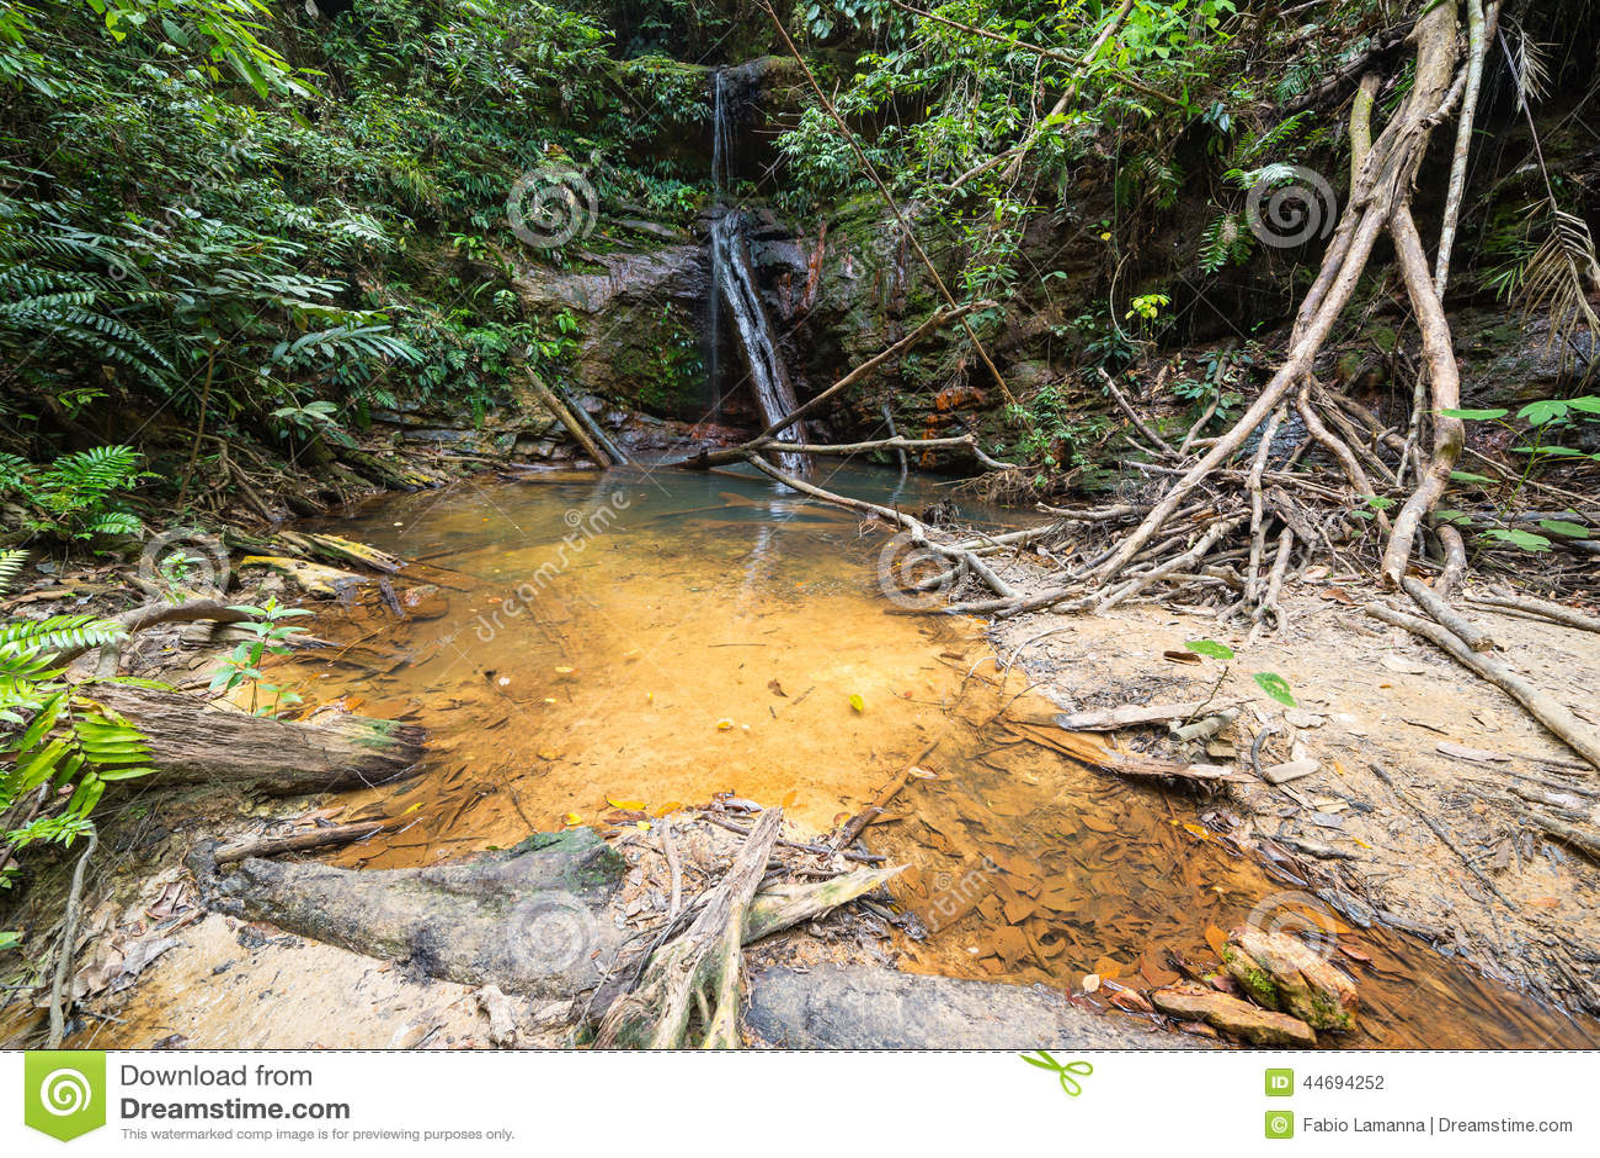 piscine naturelle 44